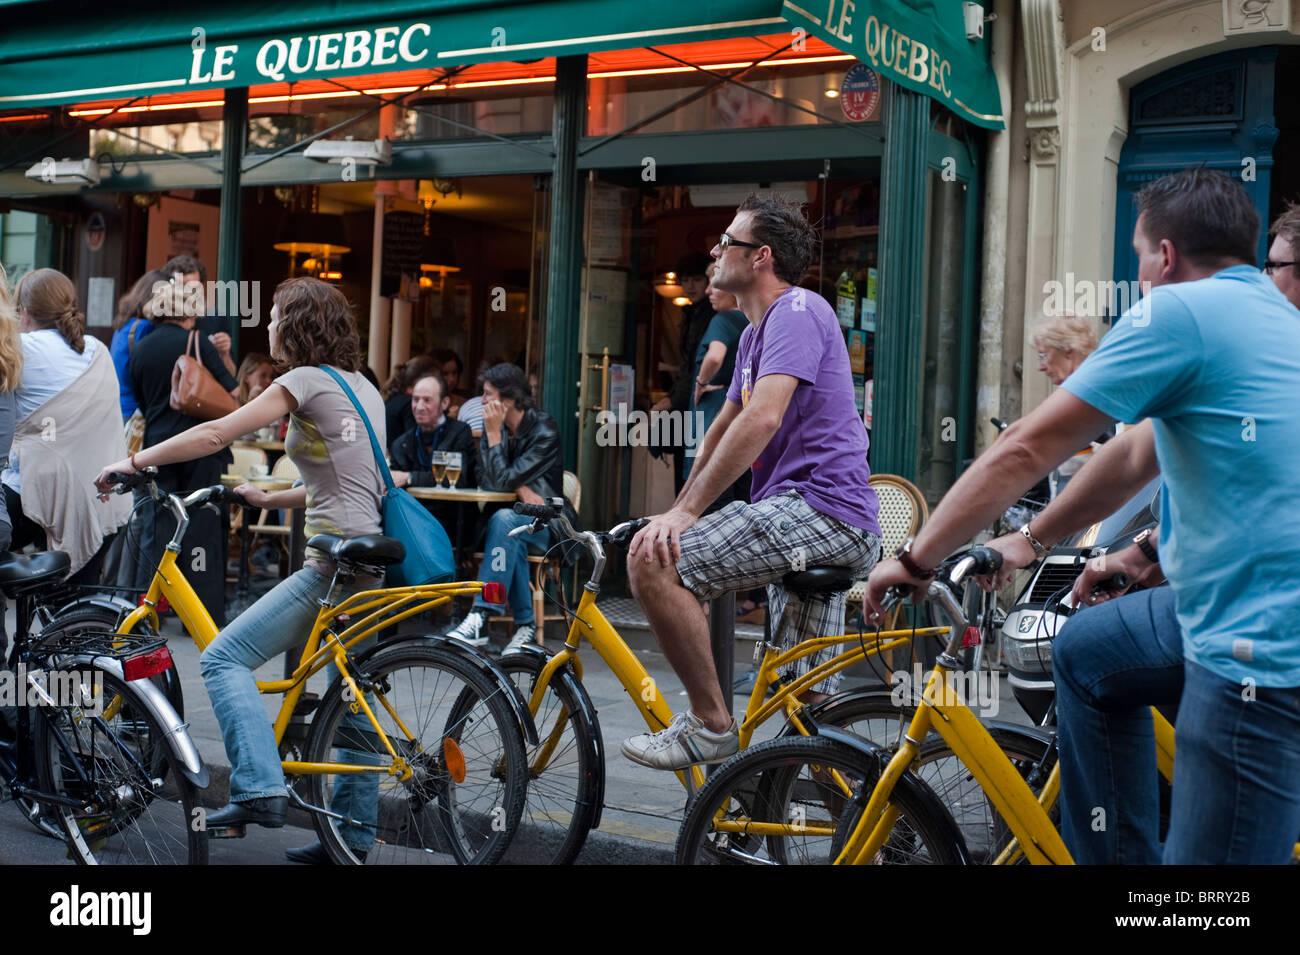 Paris, France, Adult Tourists Visiting Paris by Bicycle Tour, bicycling, Saint Germain des Pres District Stock Photo